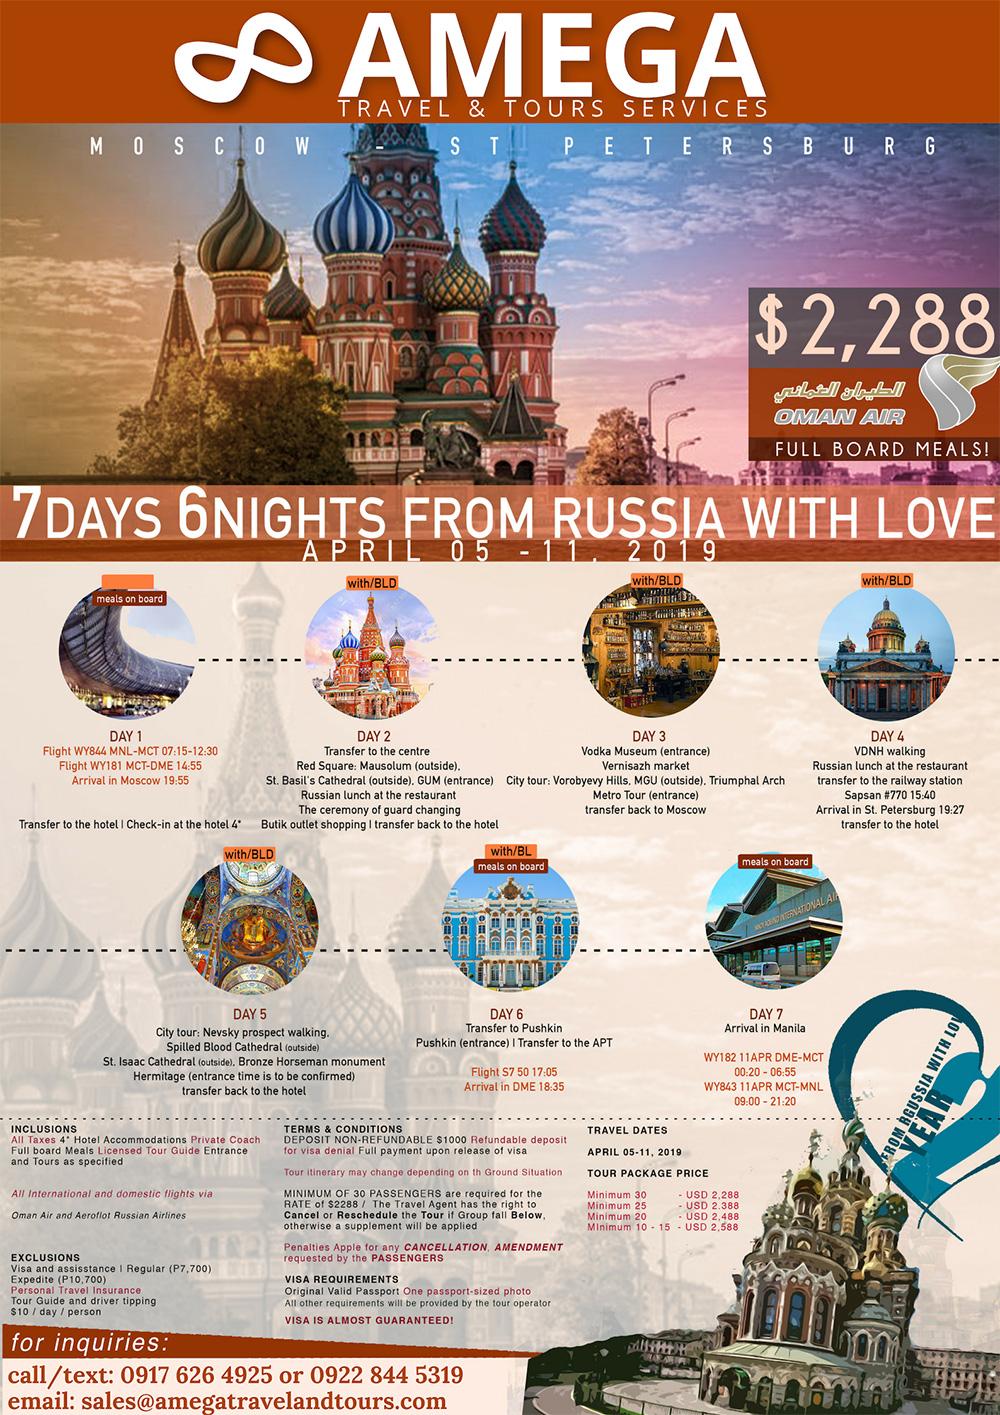 7D6N-Russia-April-05-11,-2019